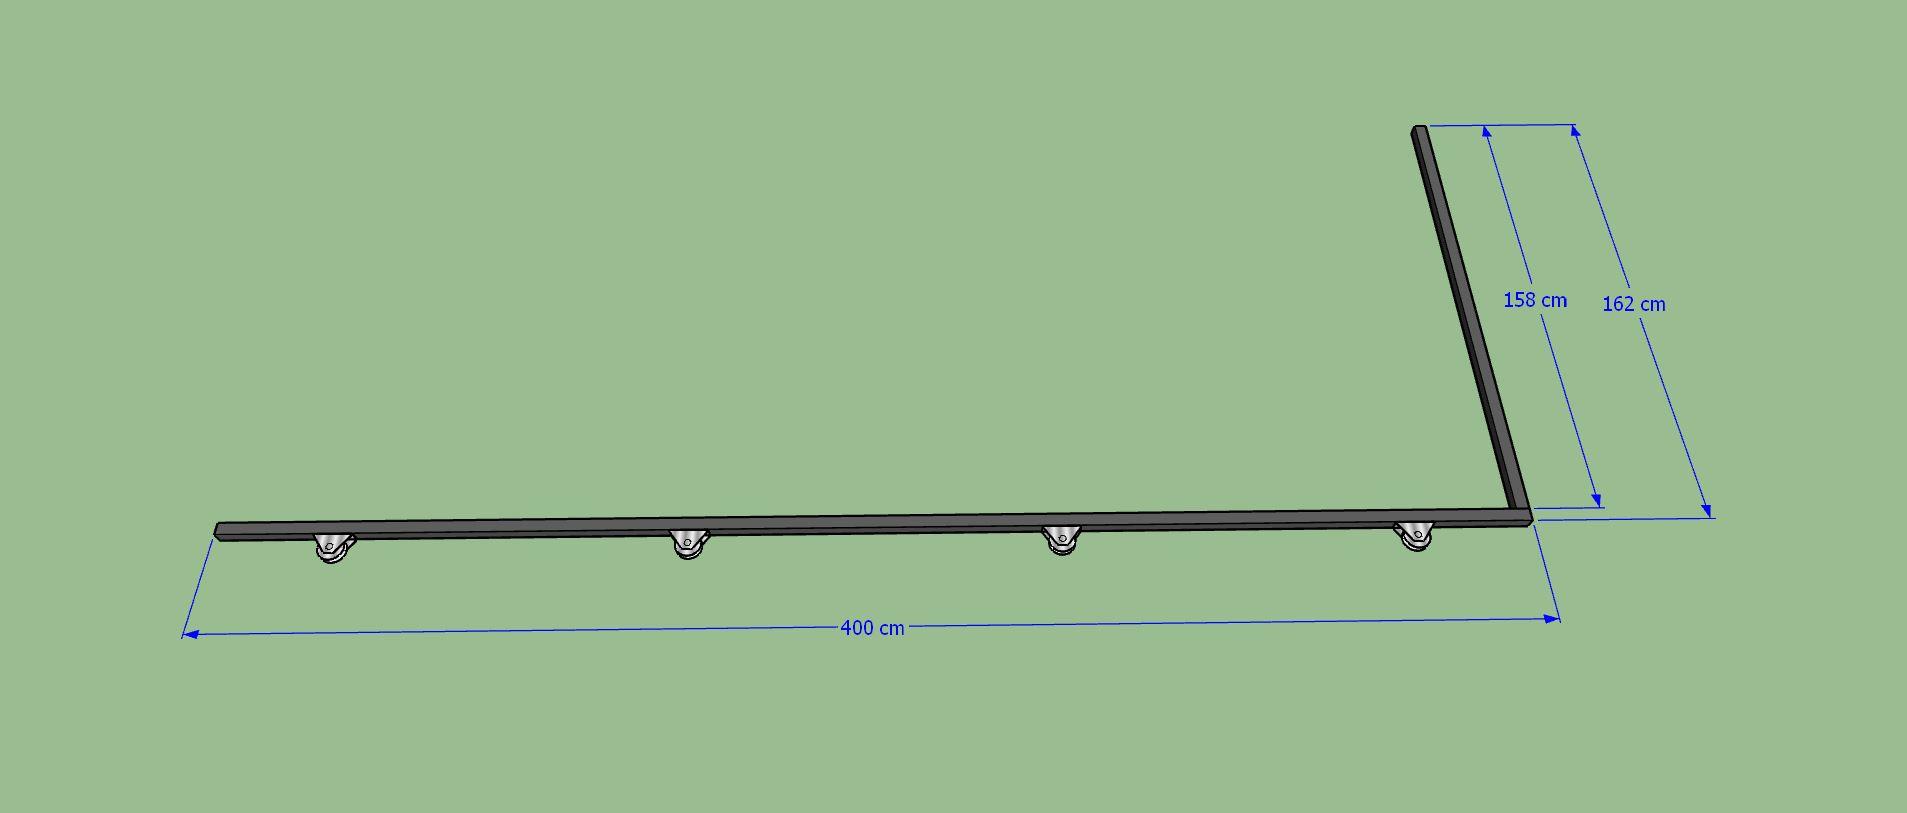 Traverse de base + traverse verticale droite